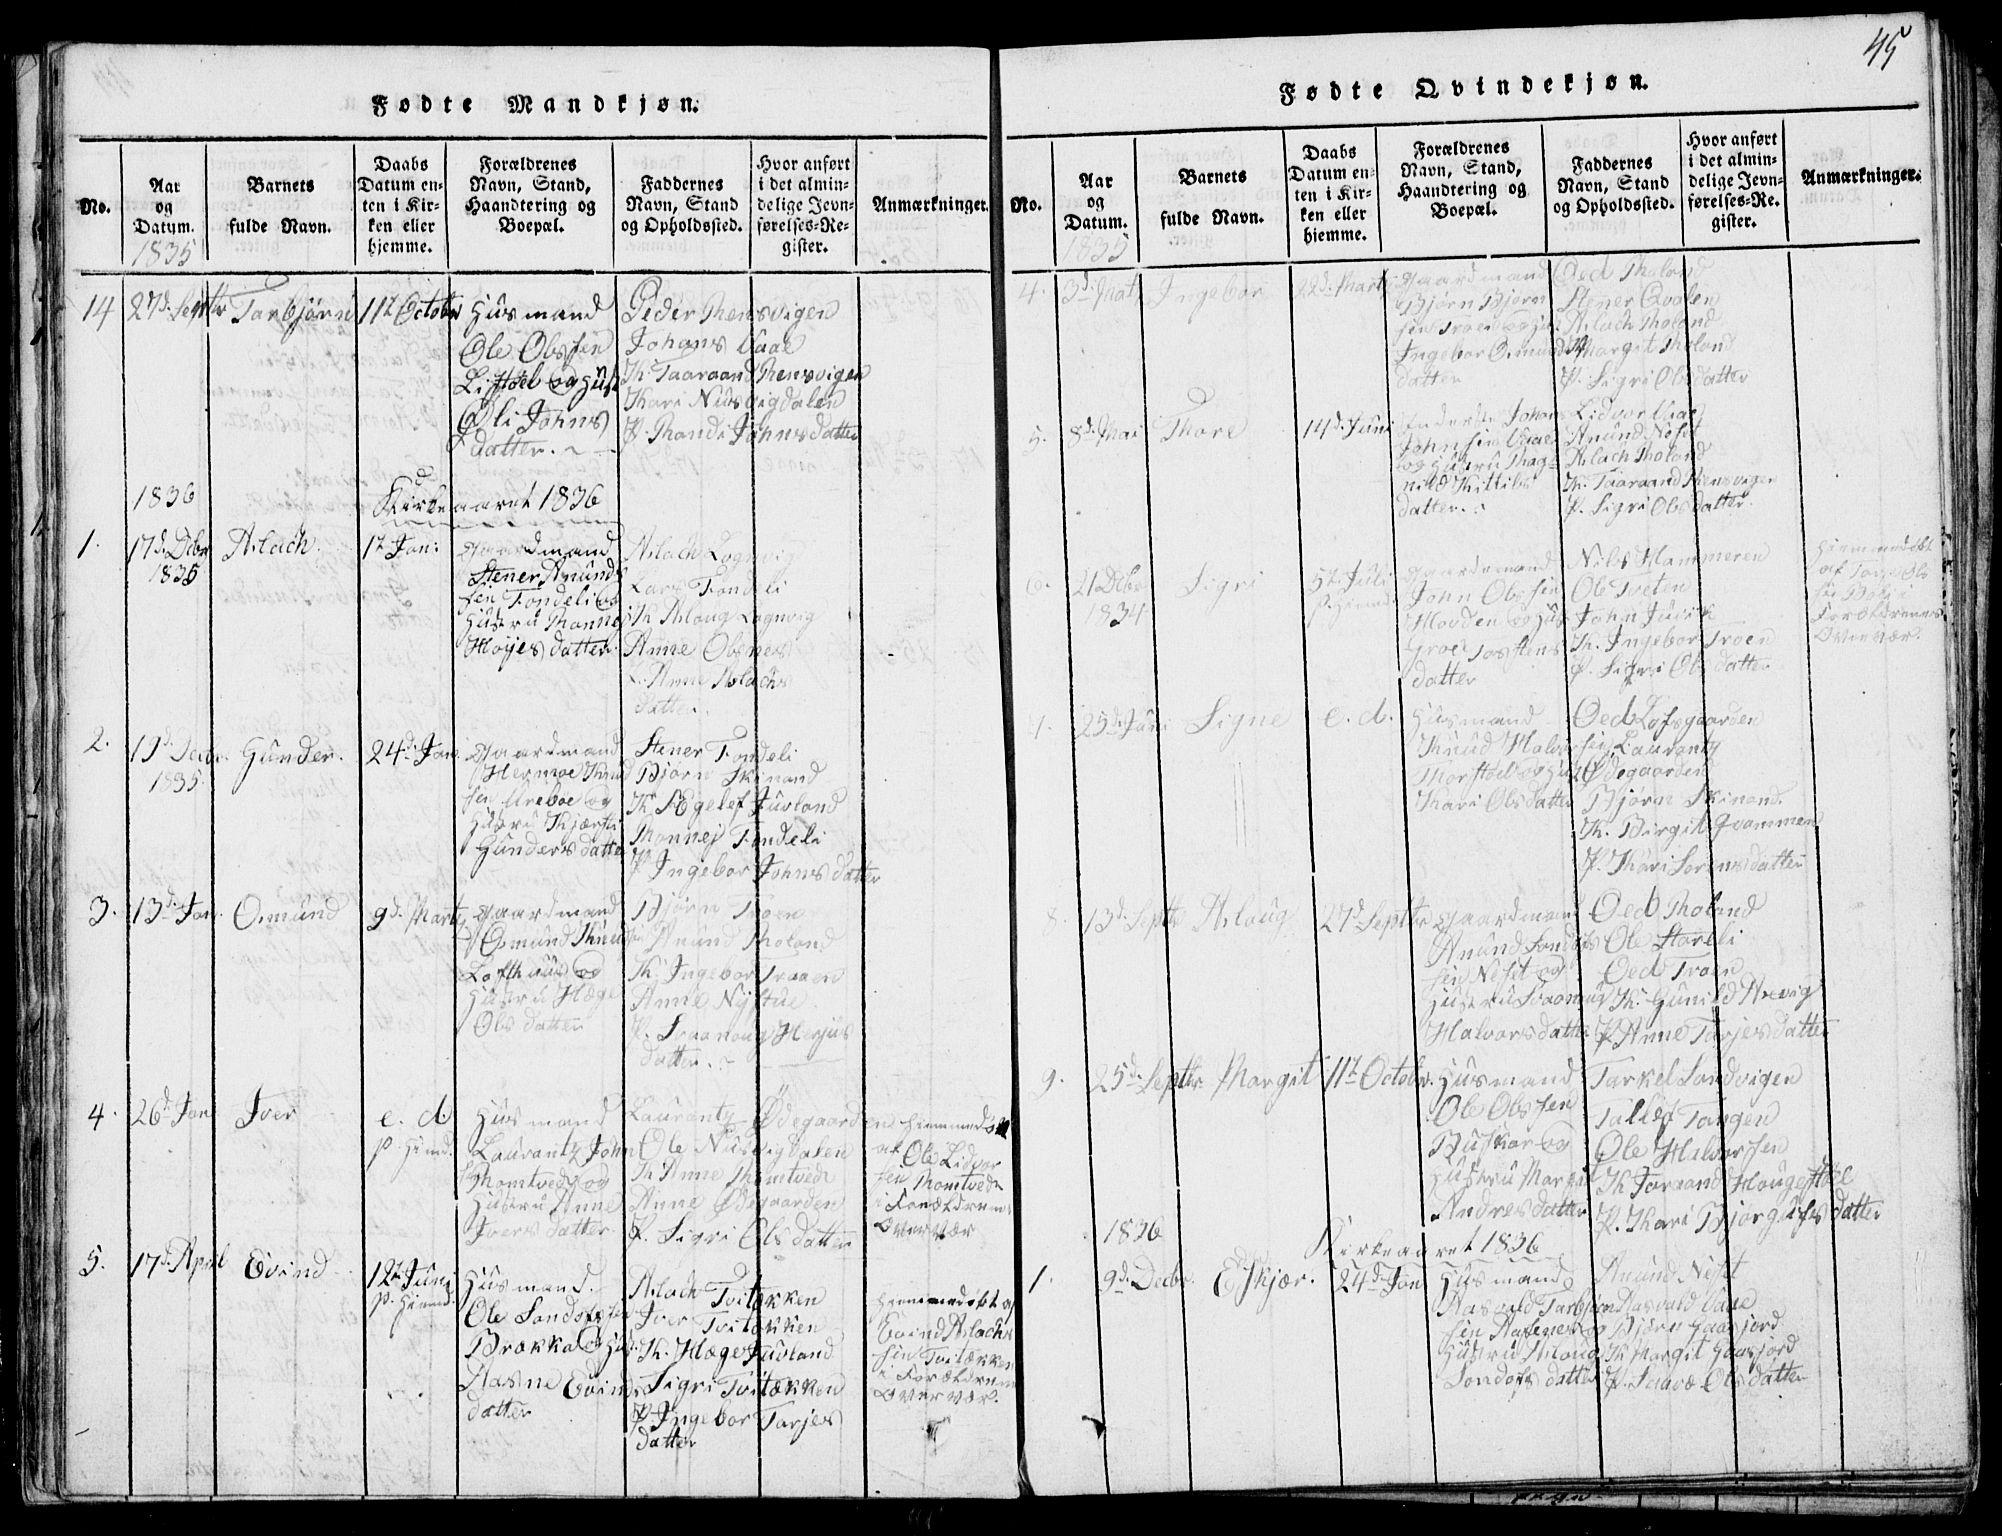 SAKO, Rauland kirkebøker, G/Ga/L0001: Klokkerbok nr. I 1, 1814-1843, s. 45